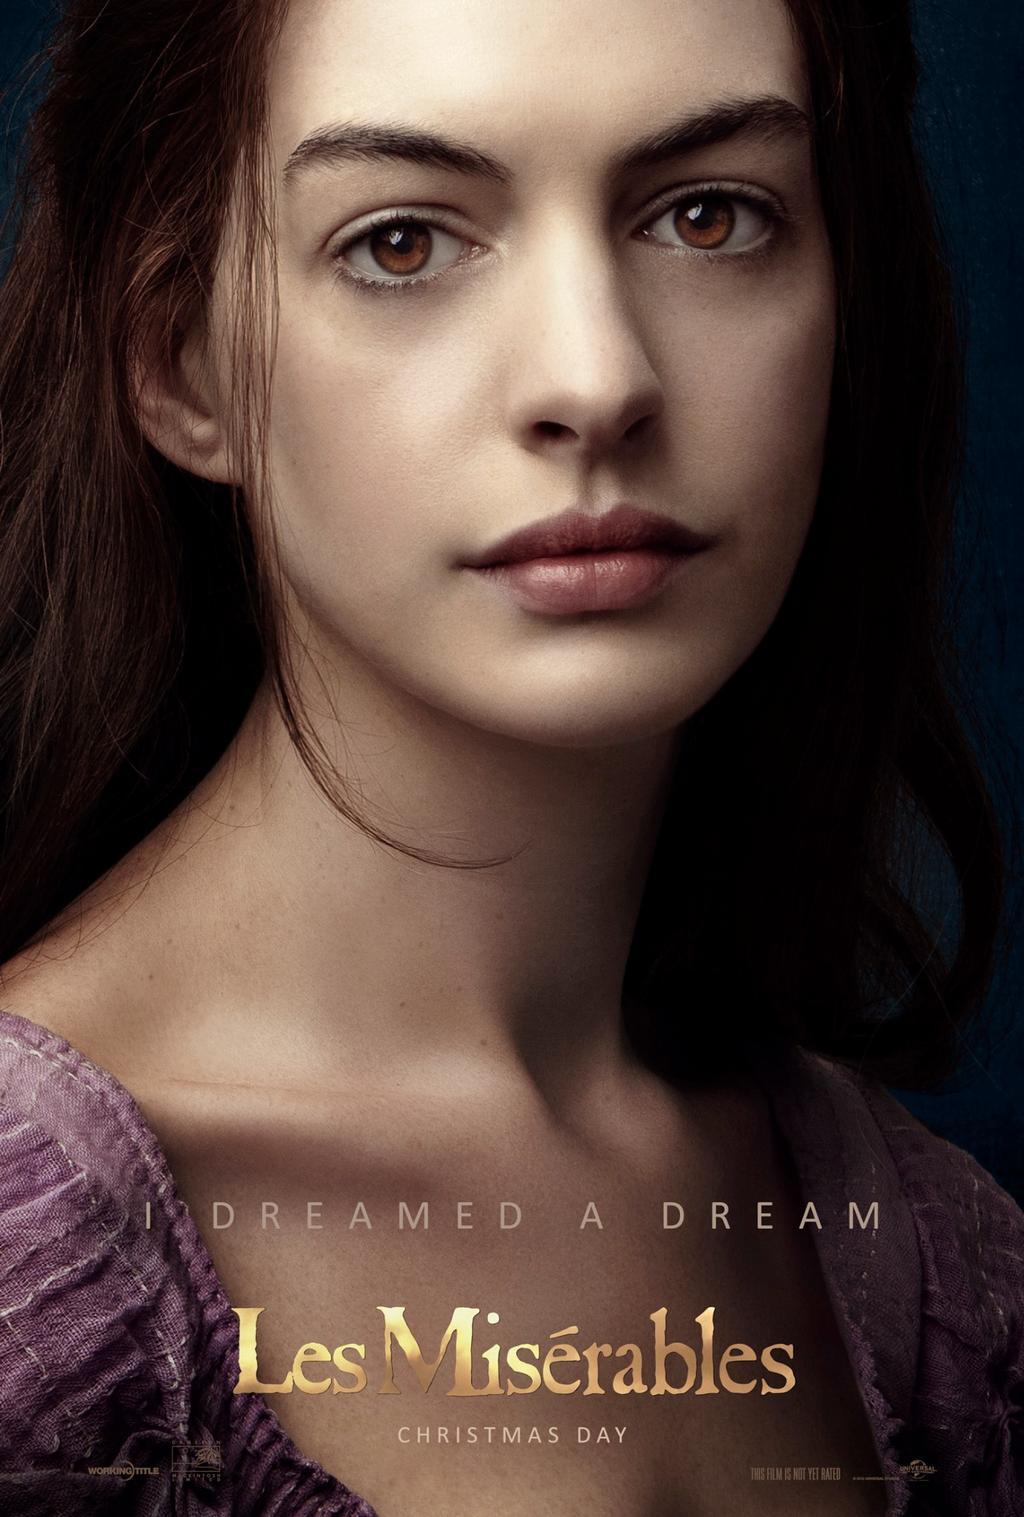 Hent Les Misérables 2012 film gratis — moviesonlinetkdsi